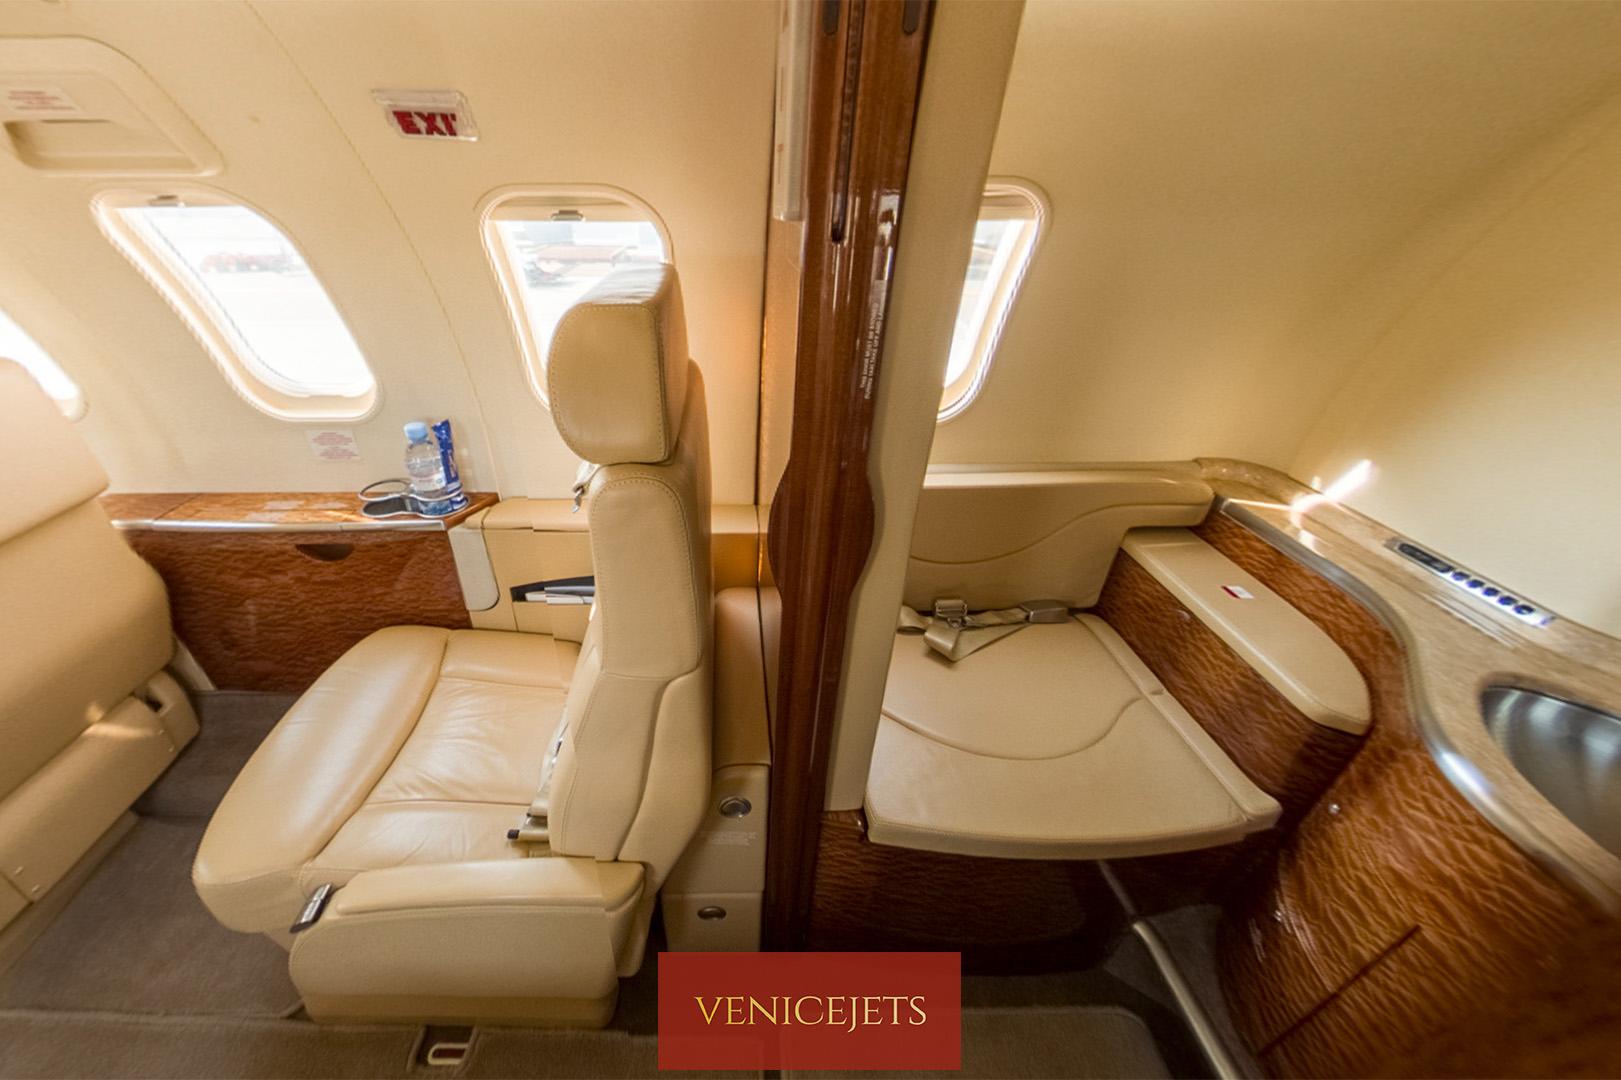 Learjet 40 - rear